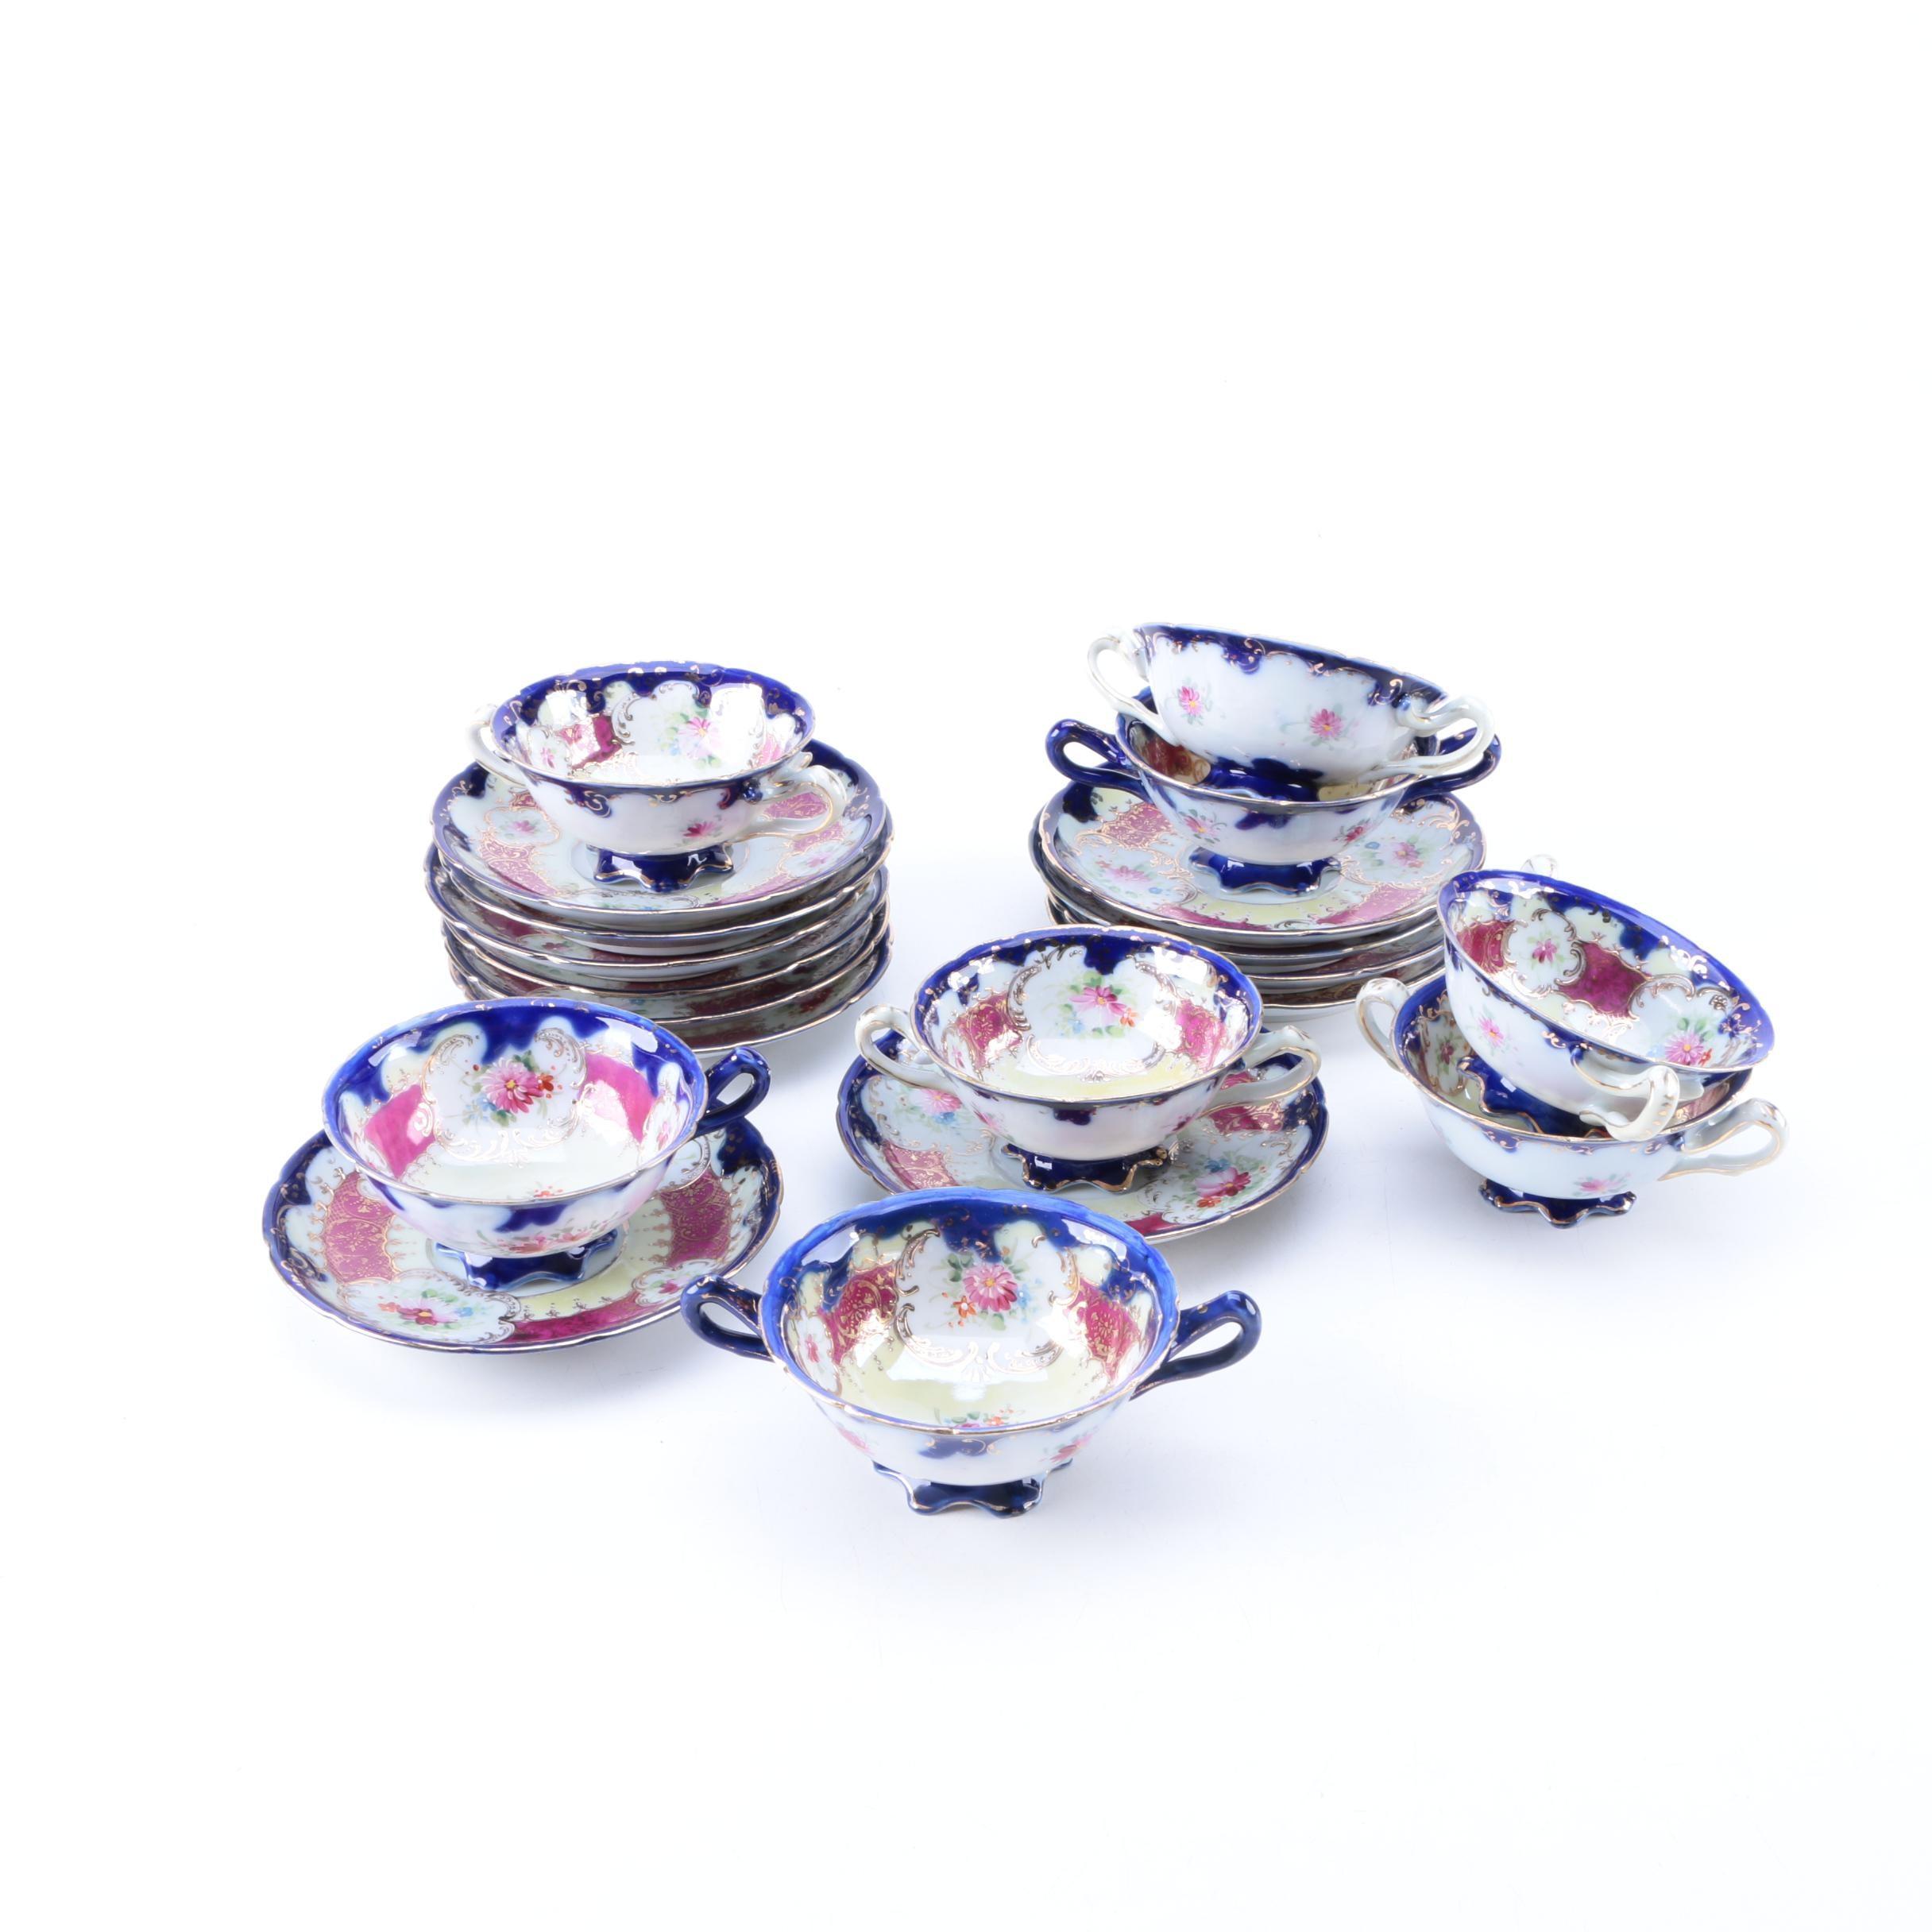 Antique Porcelain Bouillon Cups and Saucers